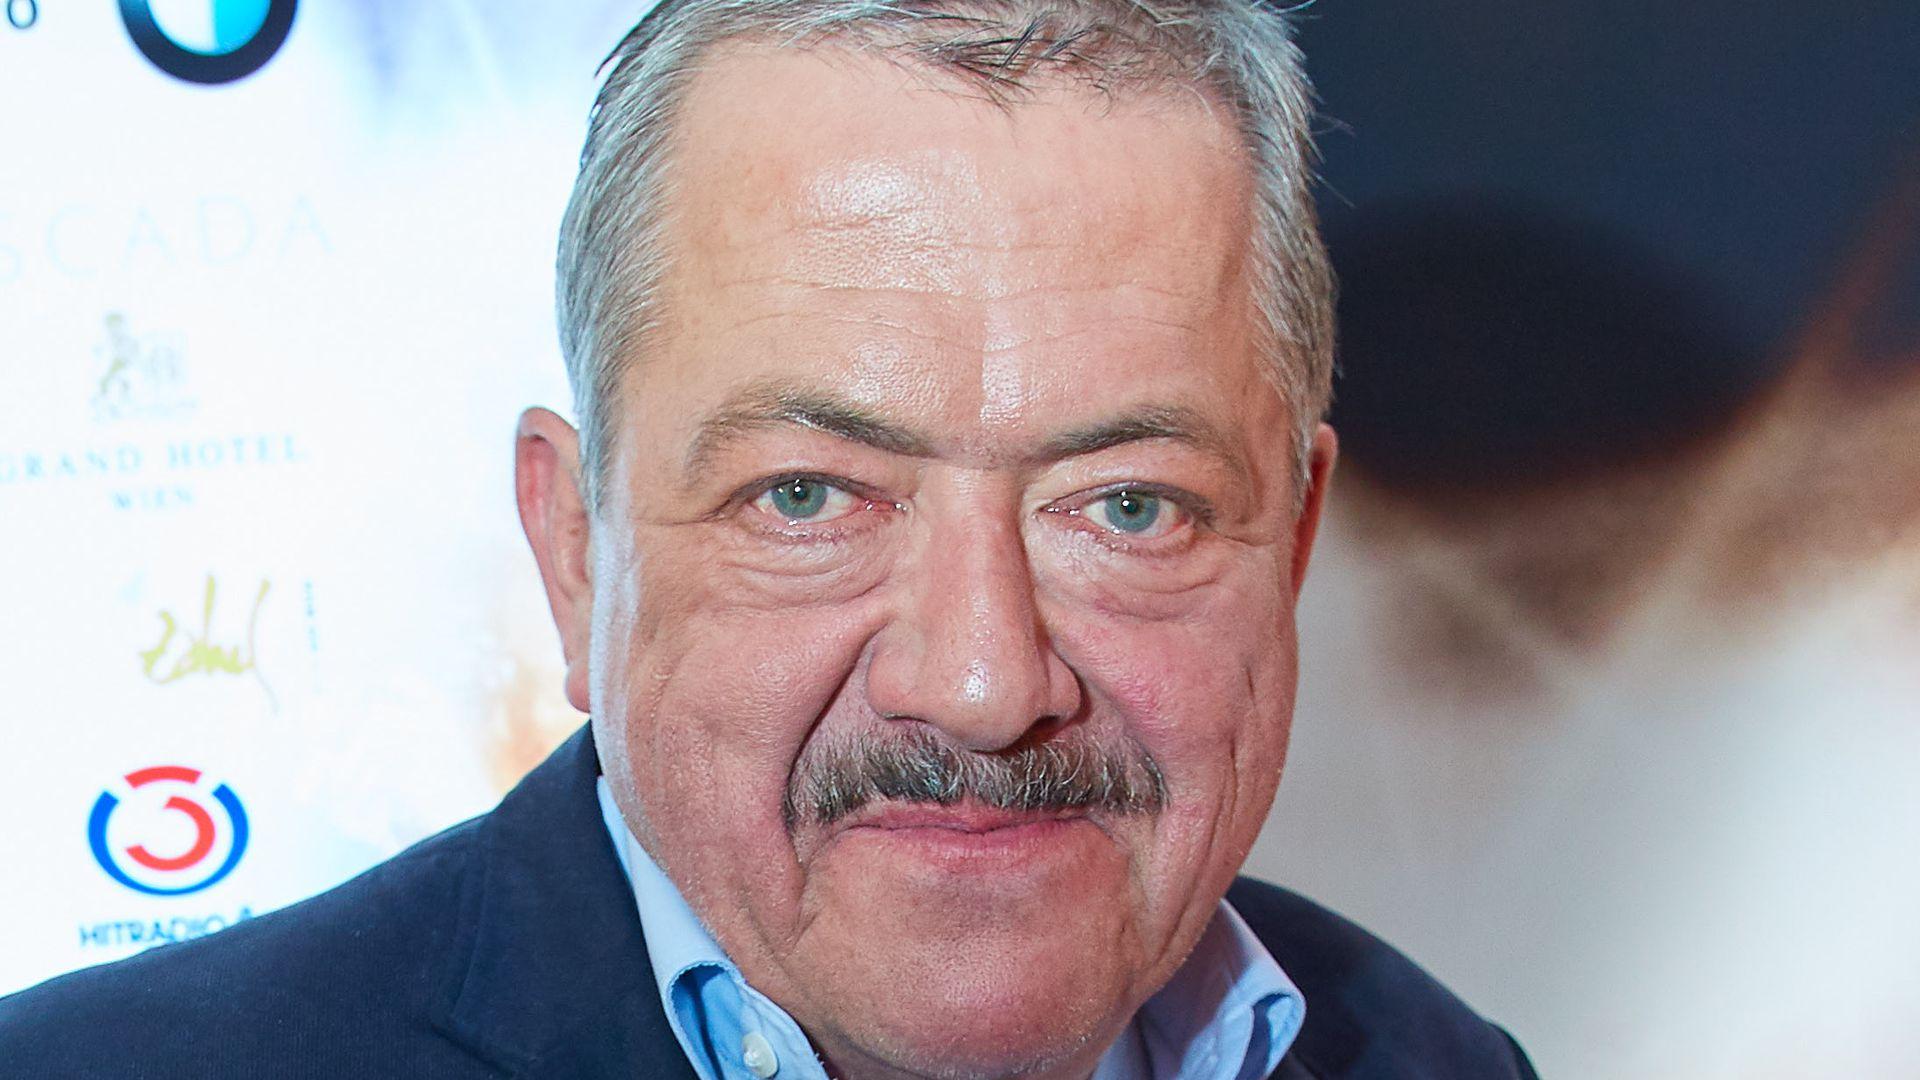 Hannesschläger